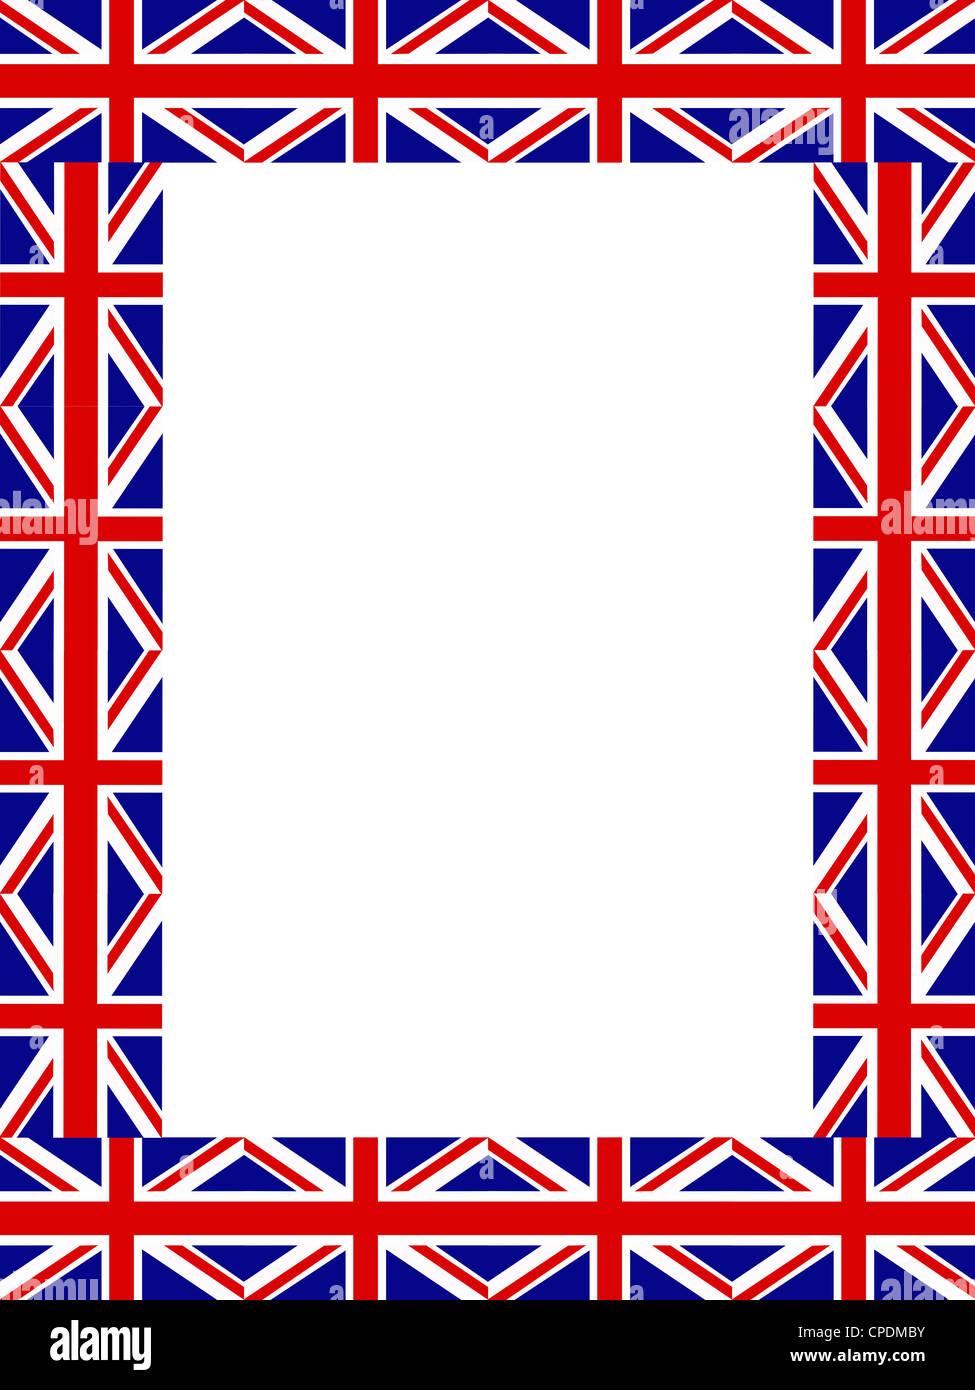 Union Jack flag frame pattern on white background Stock Photo ...